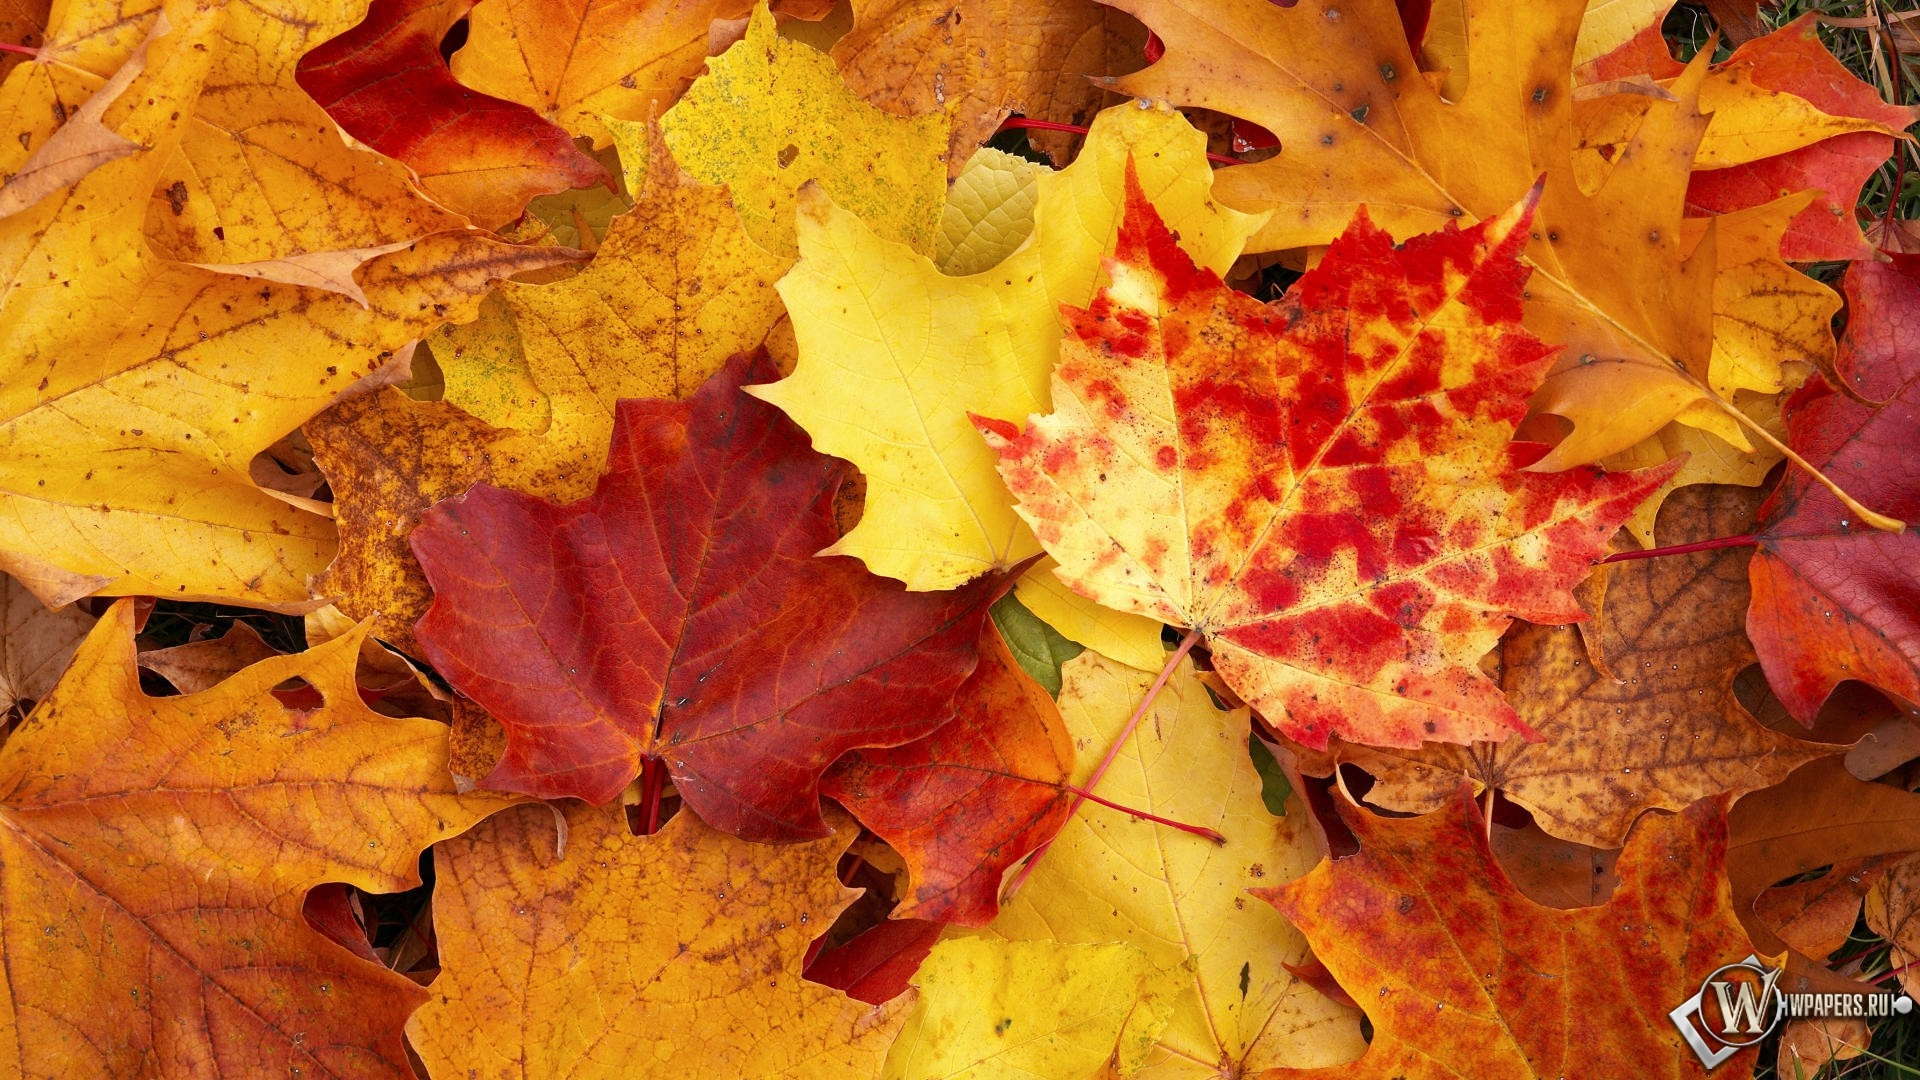 Осенняя листва 1920x1080